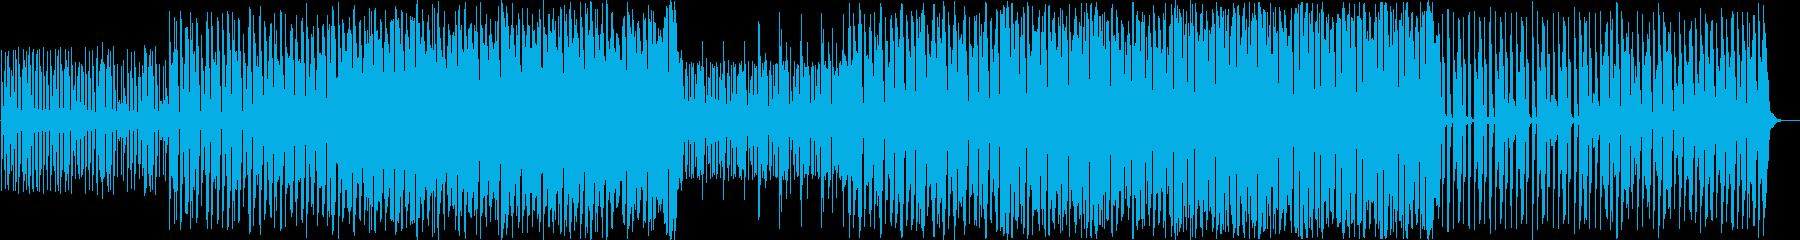 ニュースや商品説明・ポップなサイバー感の再生済みの波形